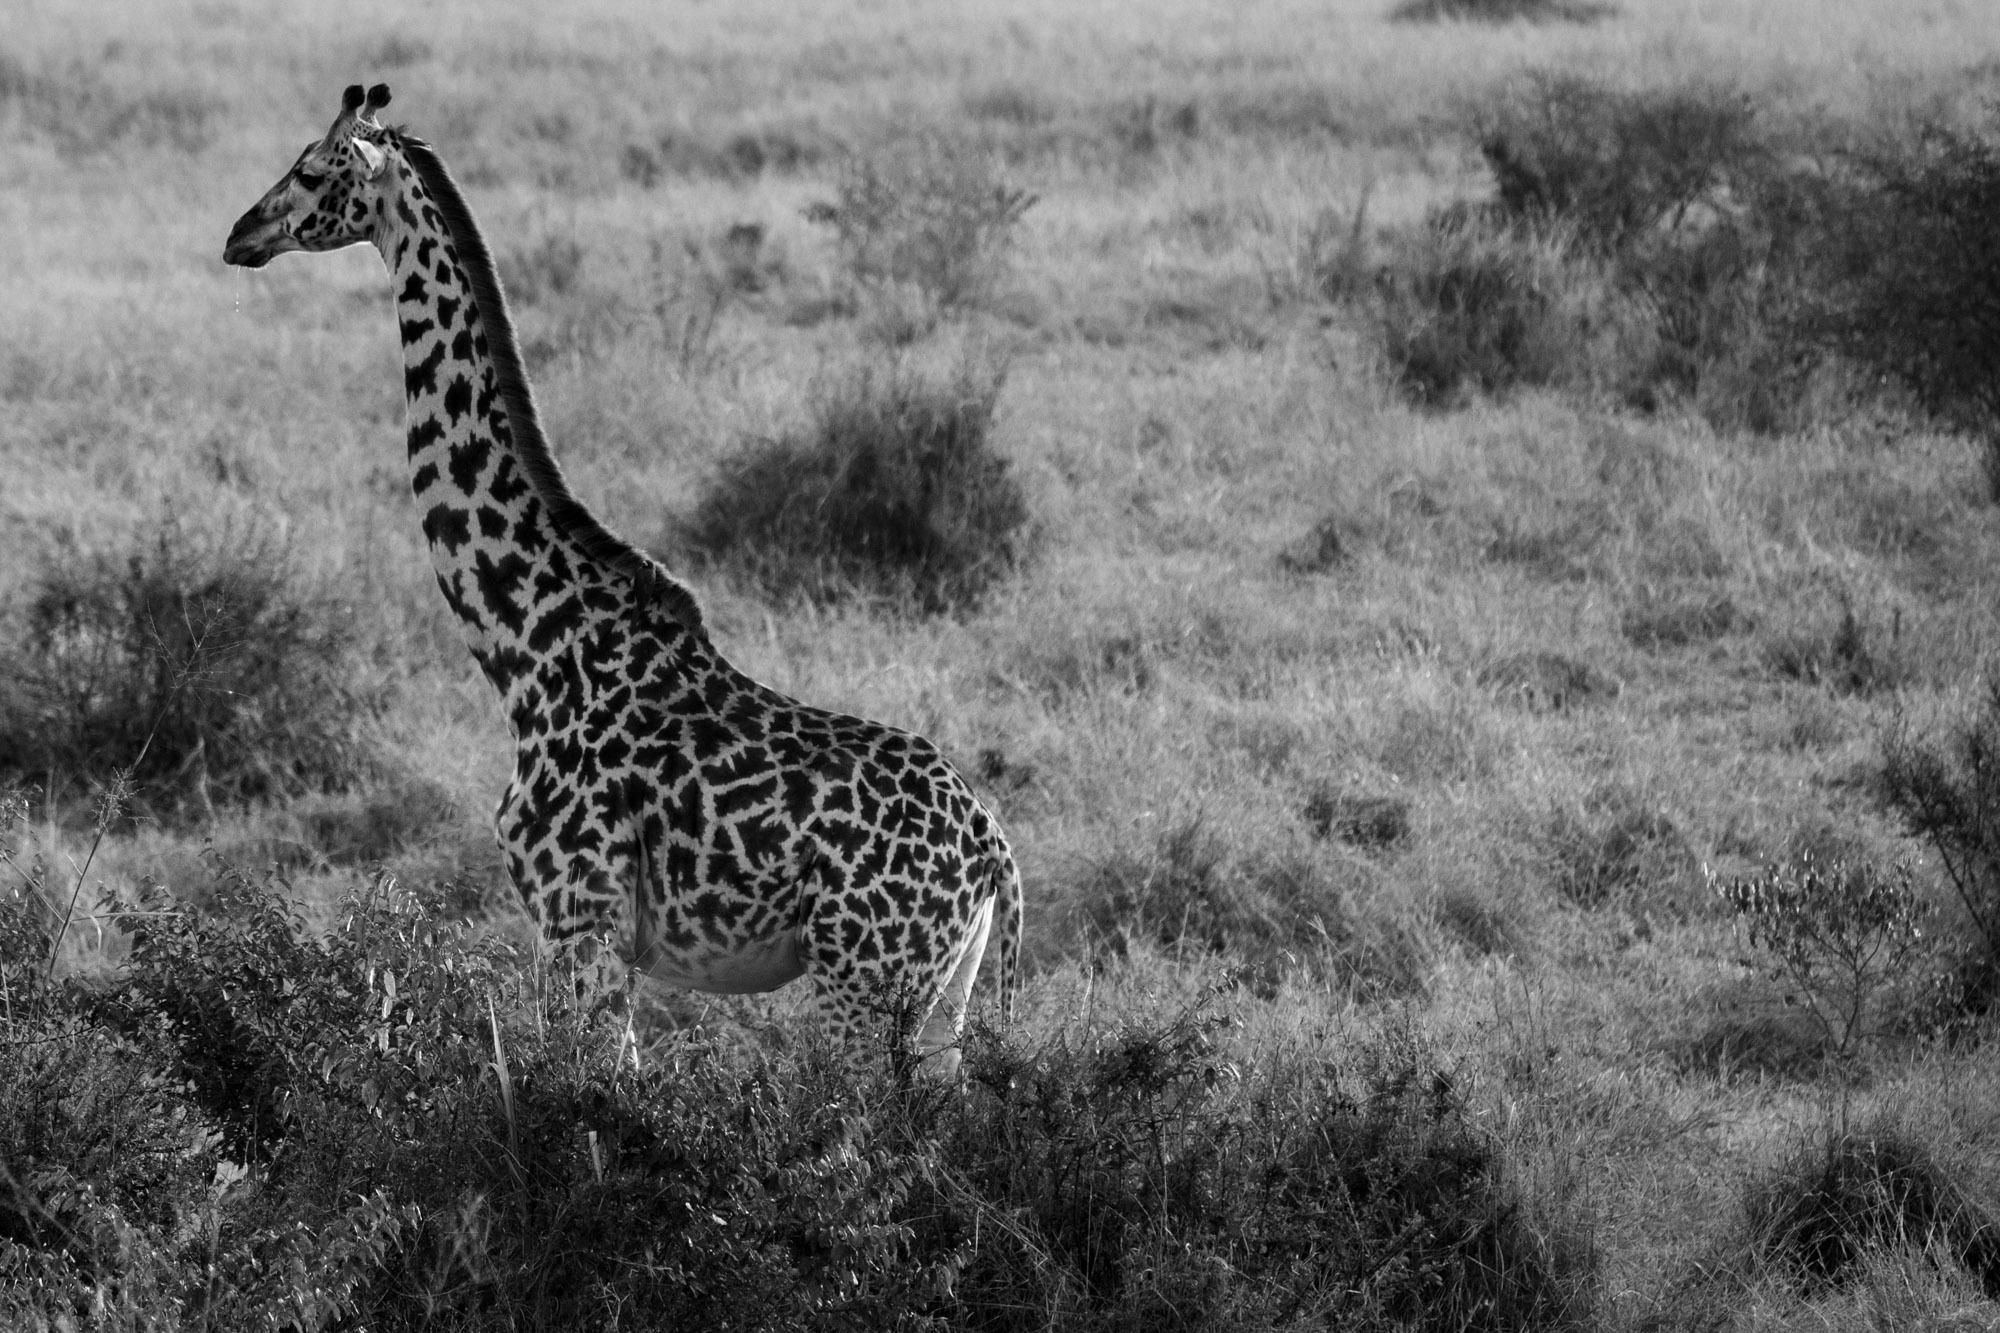 A baba da girafa